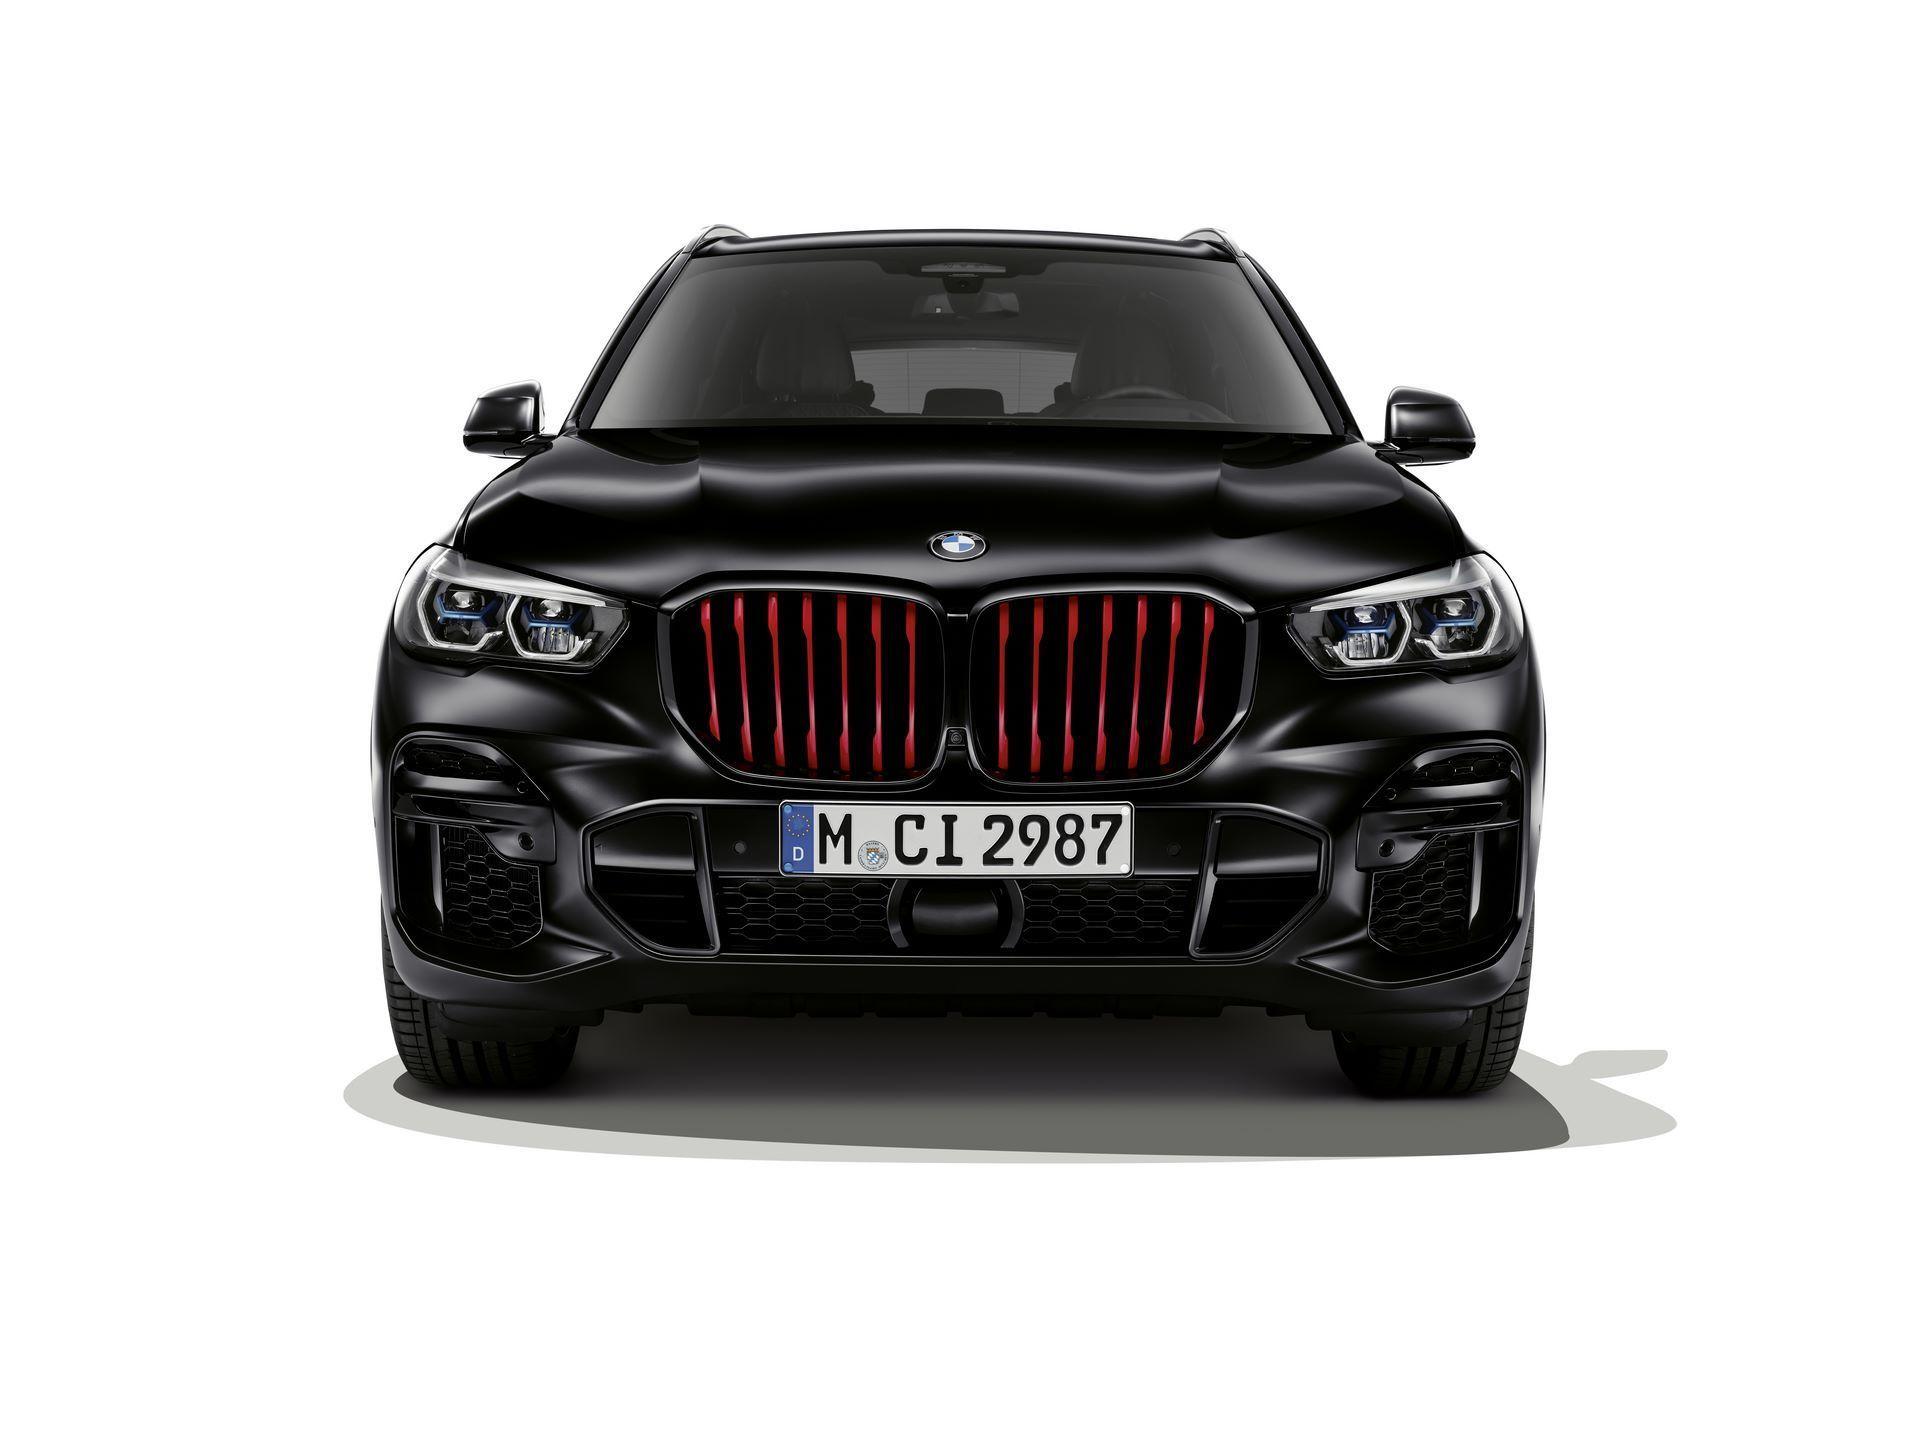 BMW-X5-Χ6-Black-Vermilion-X7-Limited-Edition-33